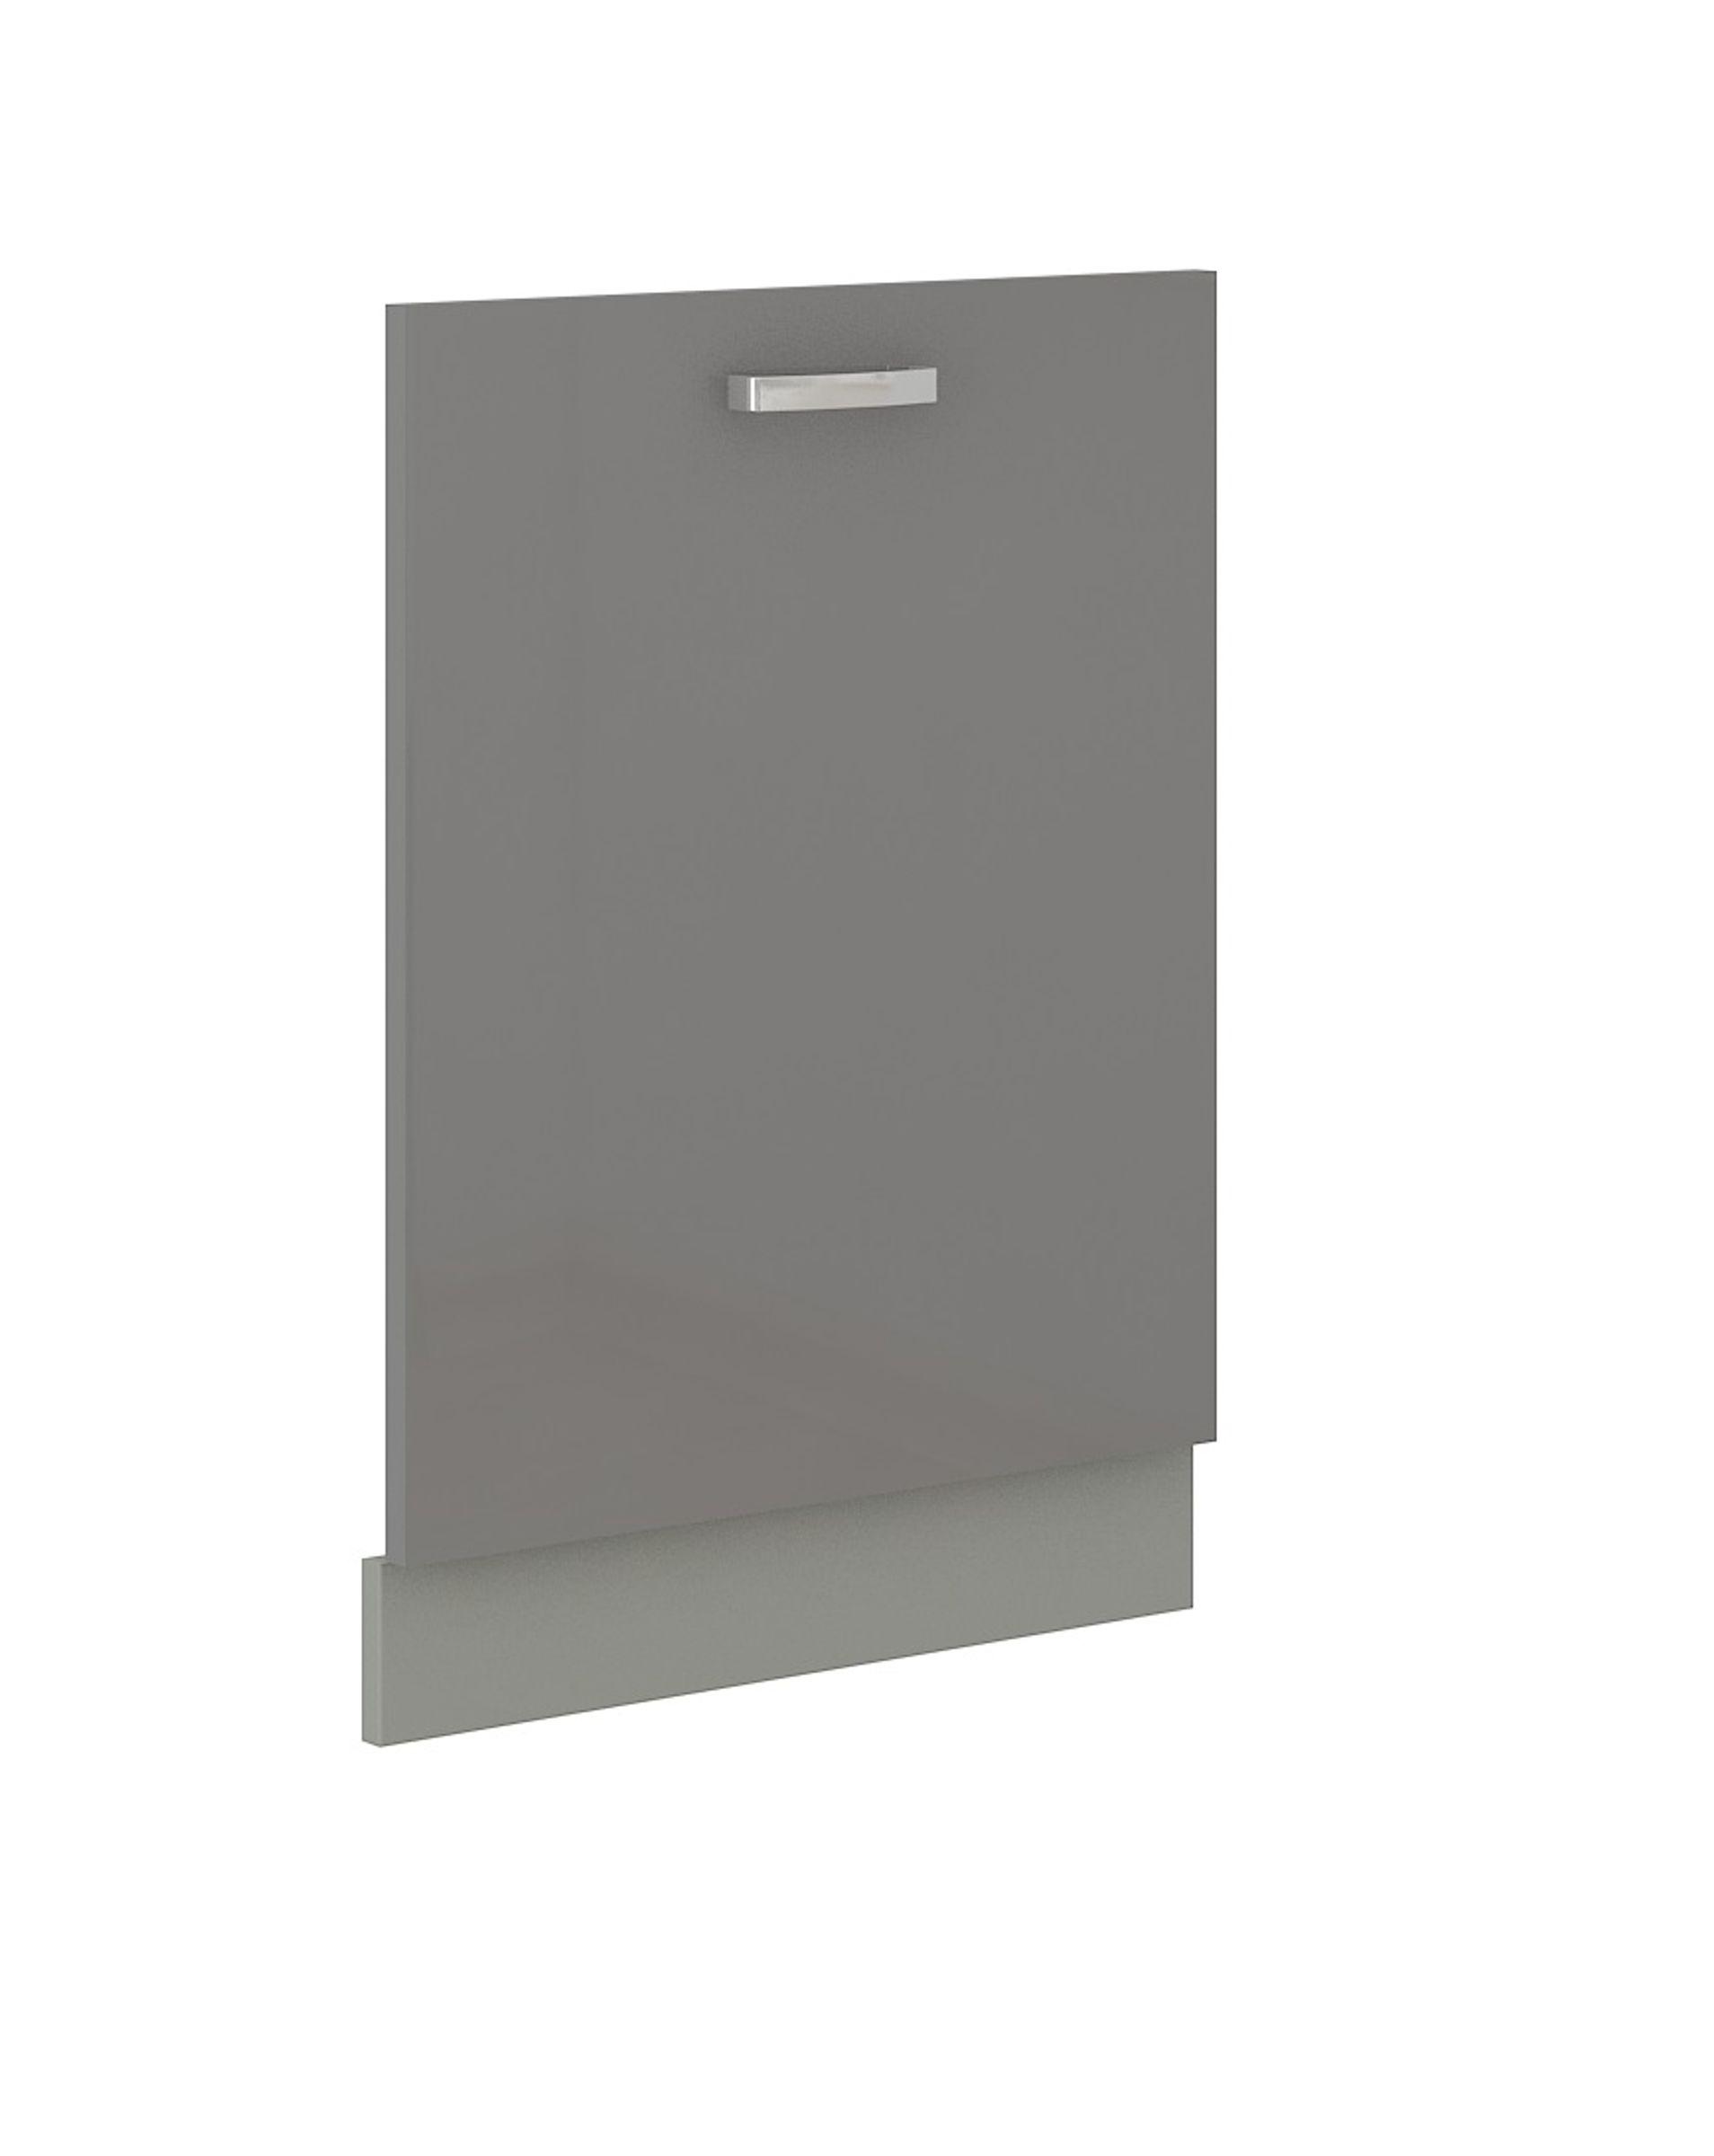 Frontblende für vollintegrierten Geschirrspüler 60 cm Grey Hochglanz Grau – Bild 1